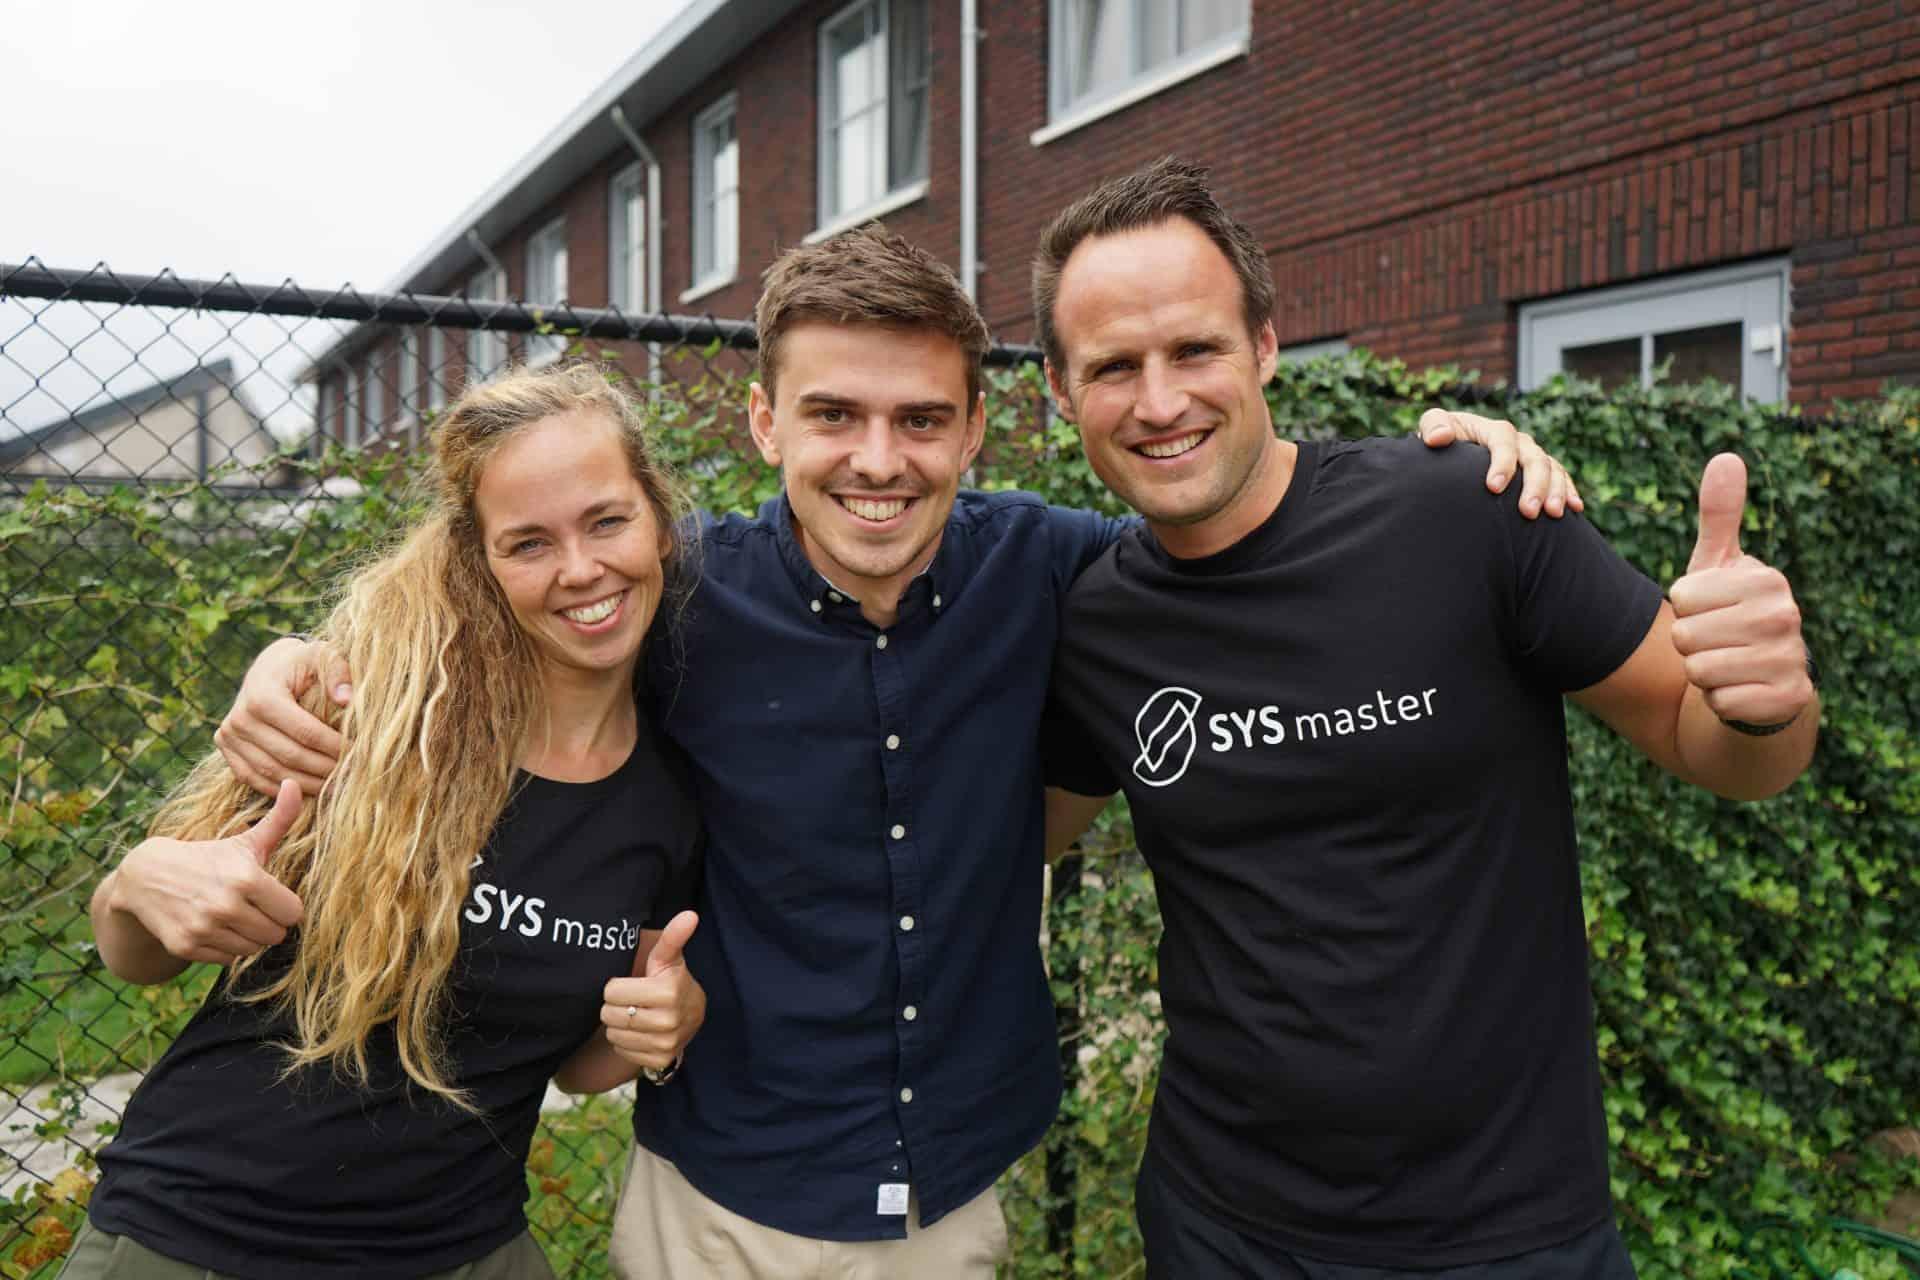 Henri, Roelofke & Maarten